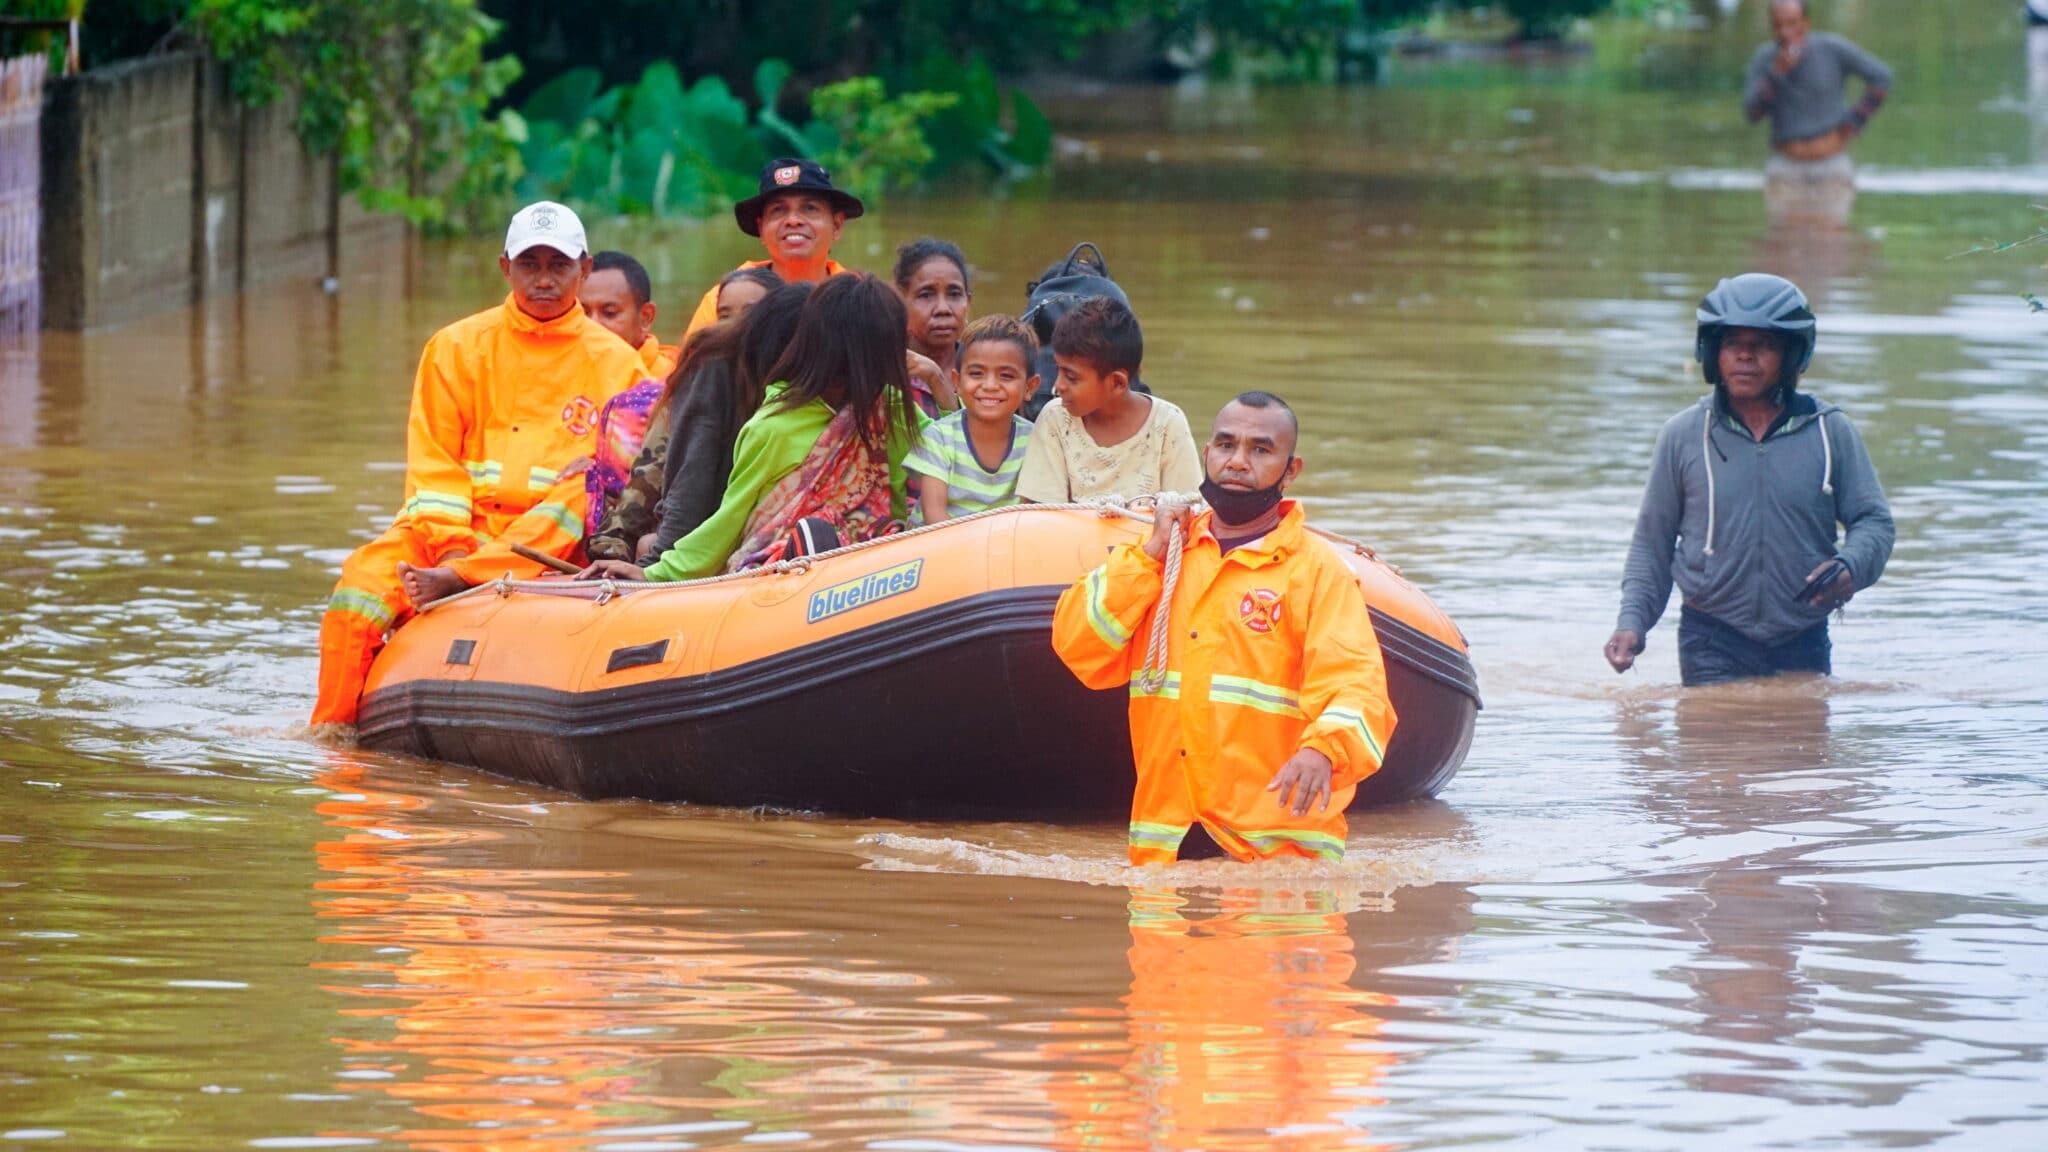 Evakuace: Záplavy ve Východním Timoru